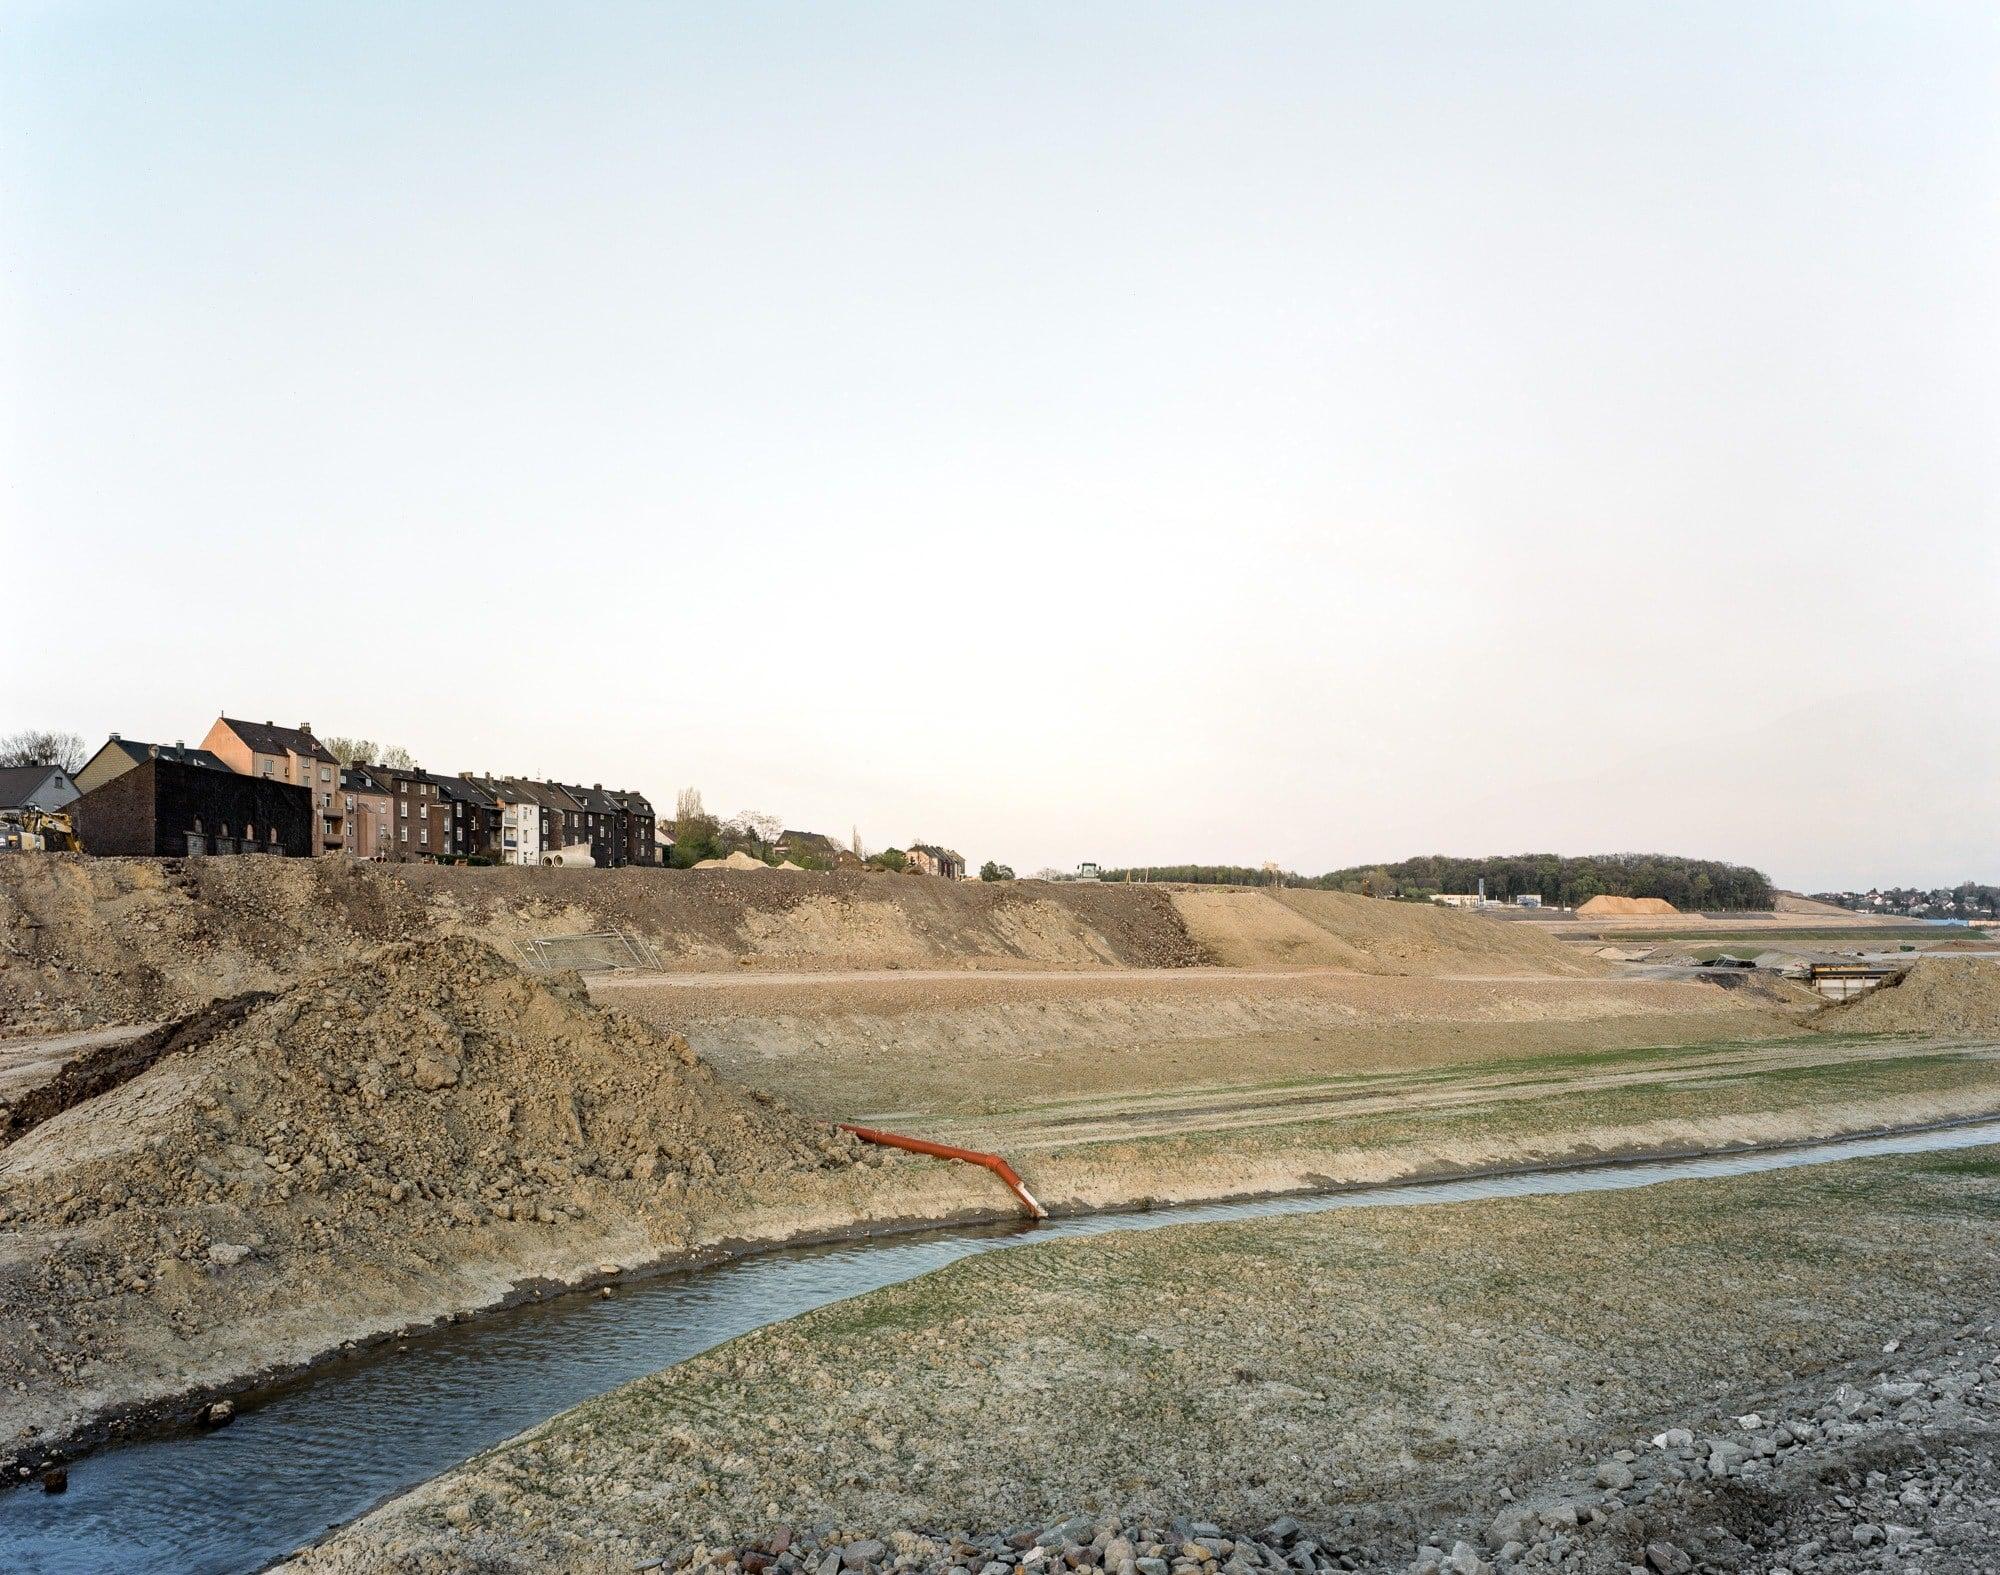 Stahlgießerei - Steel foundry